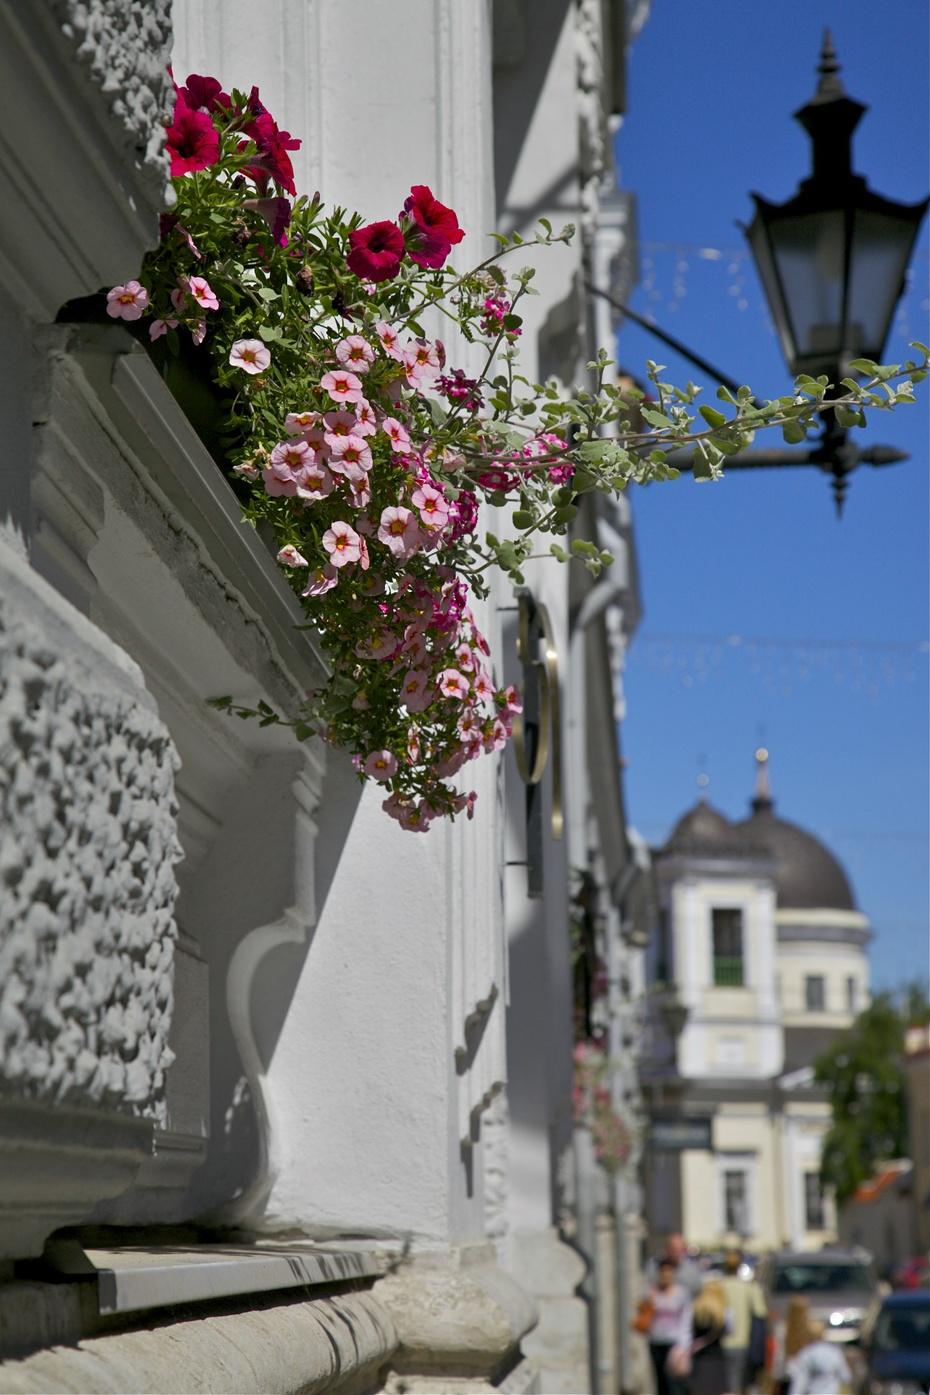 风景总在路上:我们的足印,波罗的海的风 - H哥 - H哥的博客